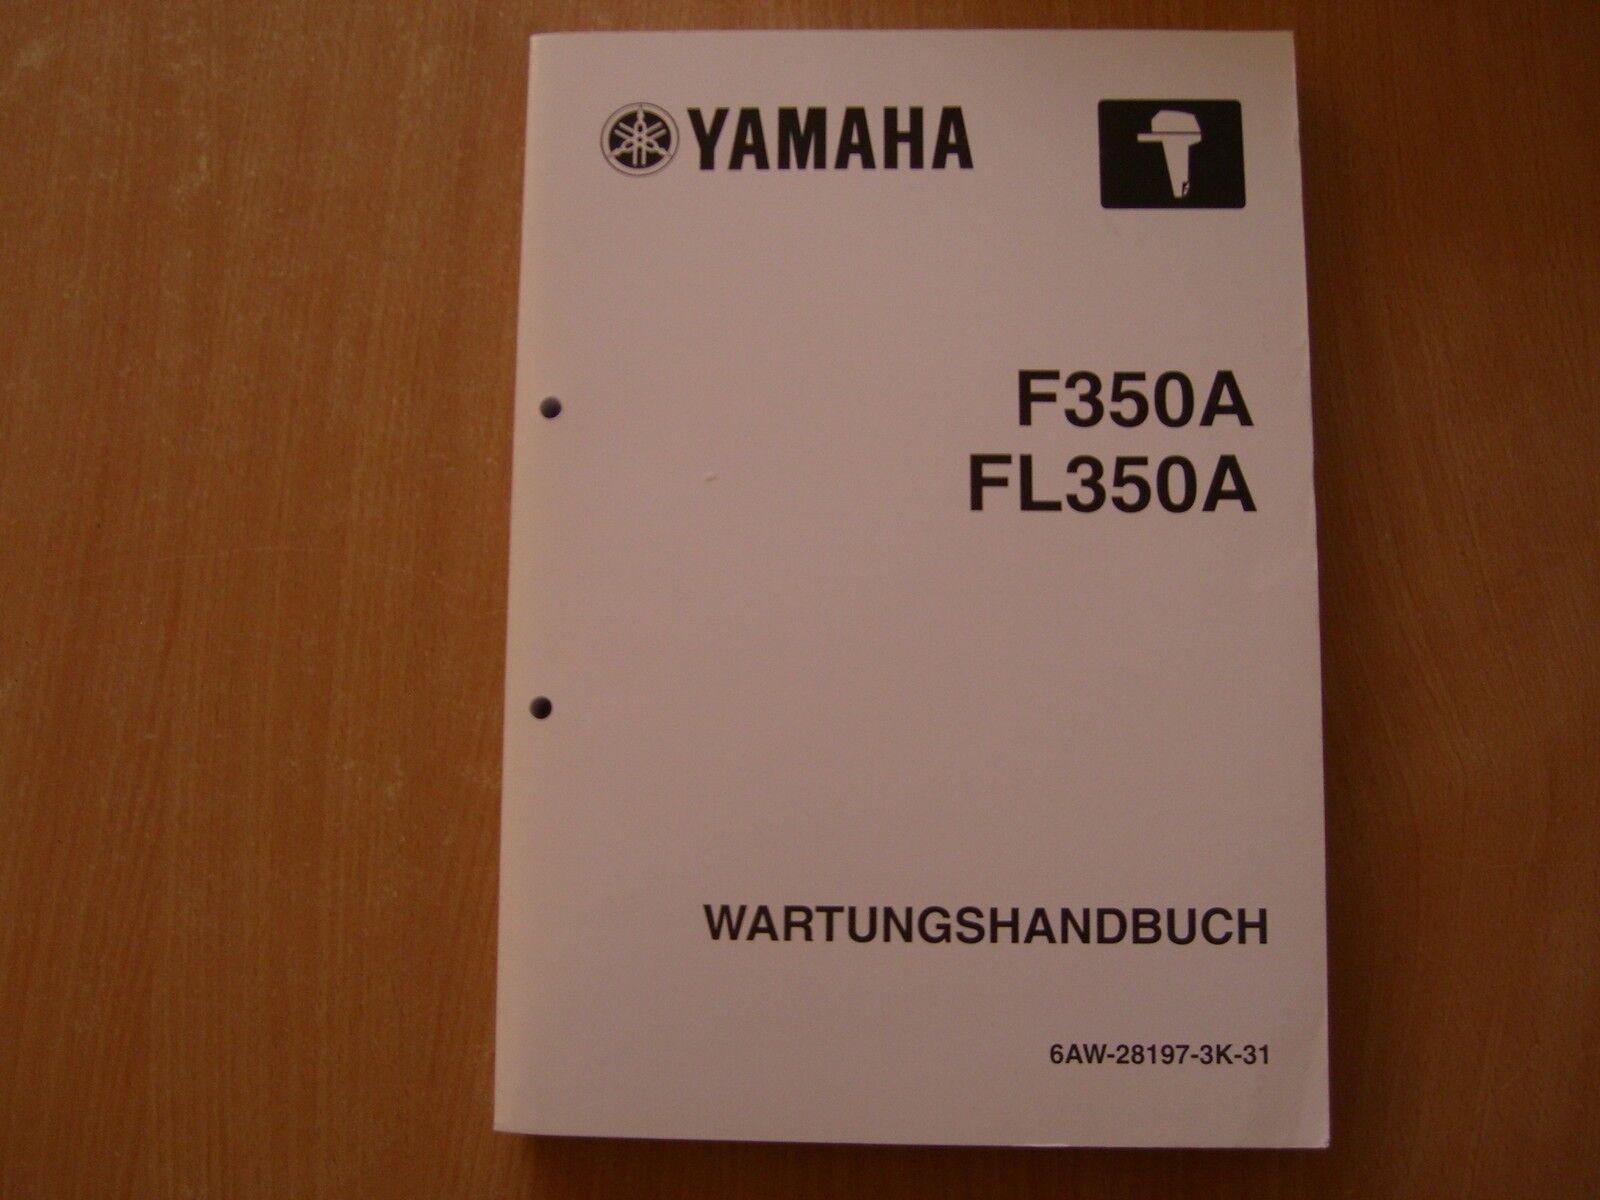 Werkstatthandbuch Yamaha Außenborder F 350 AET  FL 350 AET Reparaturanleitung